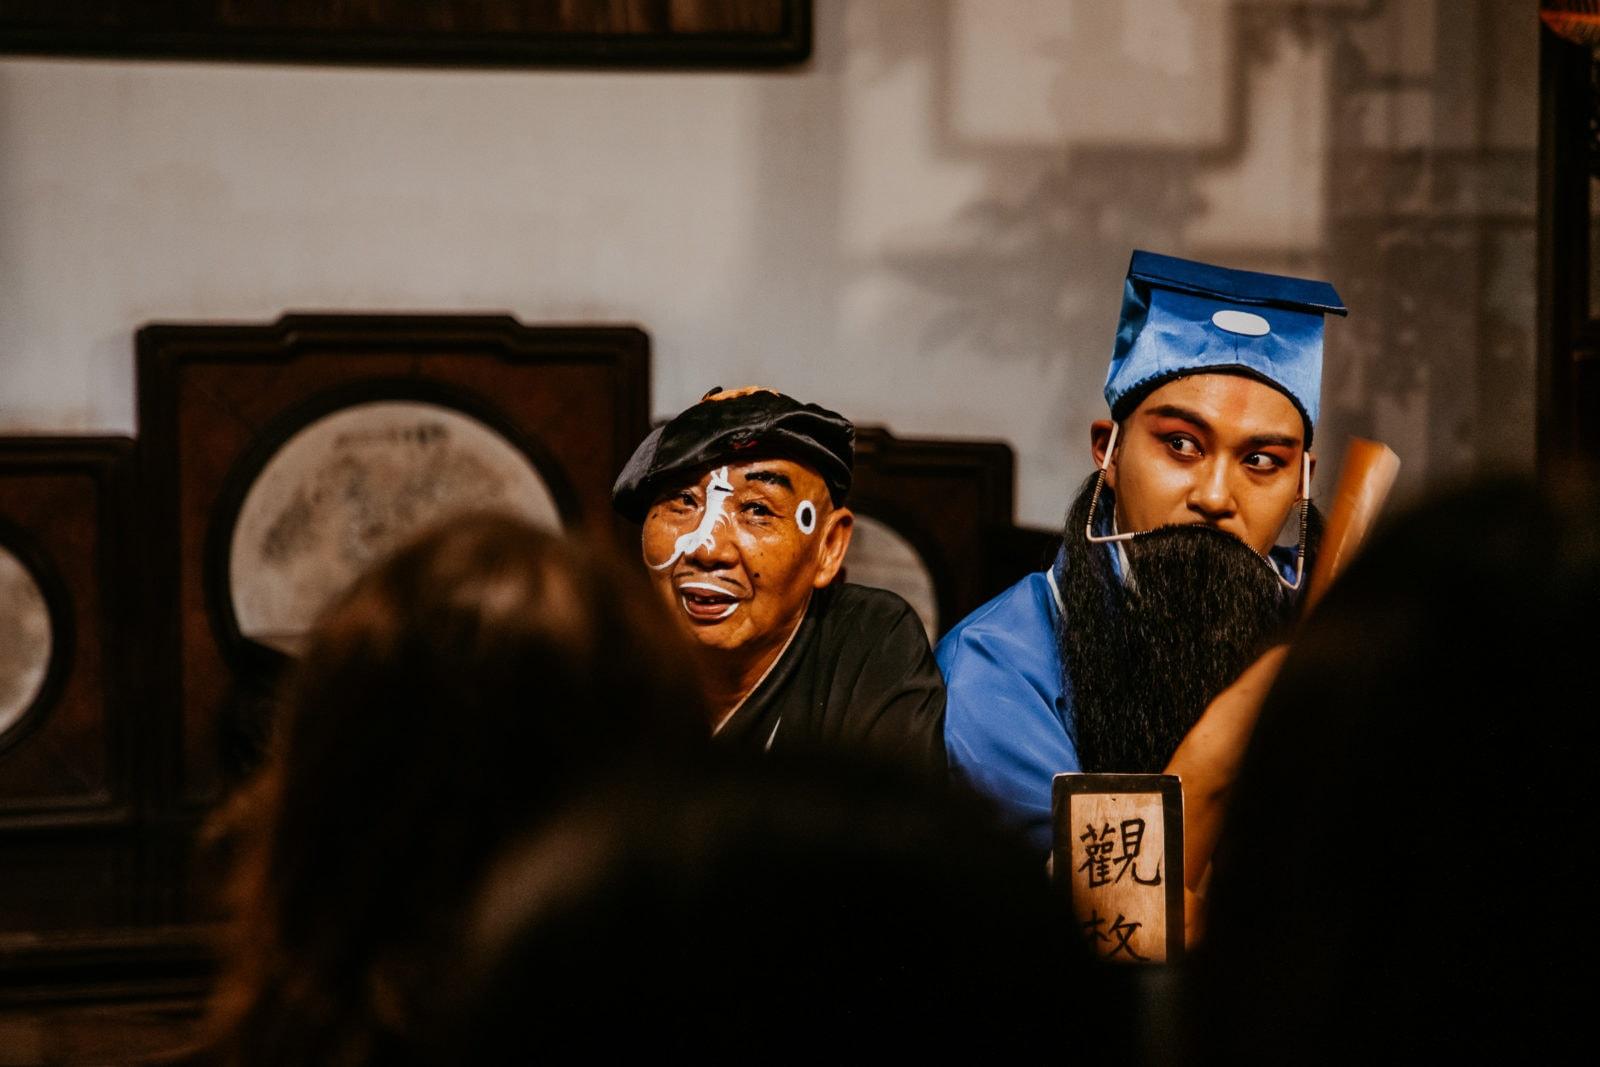 Suzhou Sehenswürdigkeiten Oper Komödie im Garten des Meisters der Netze